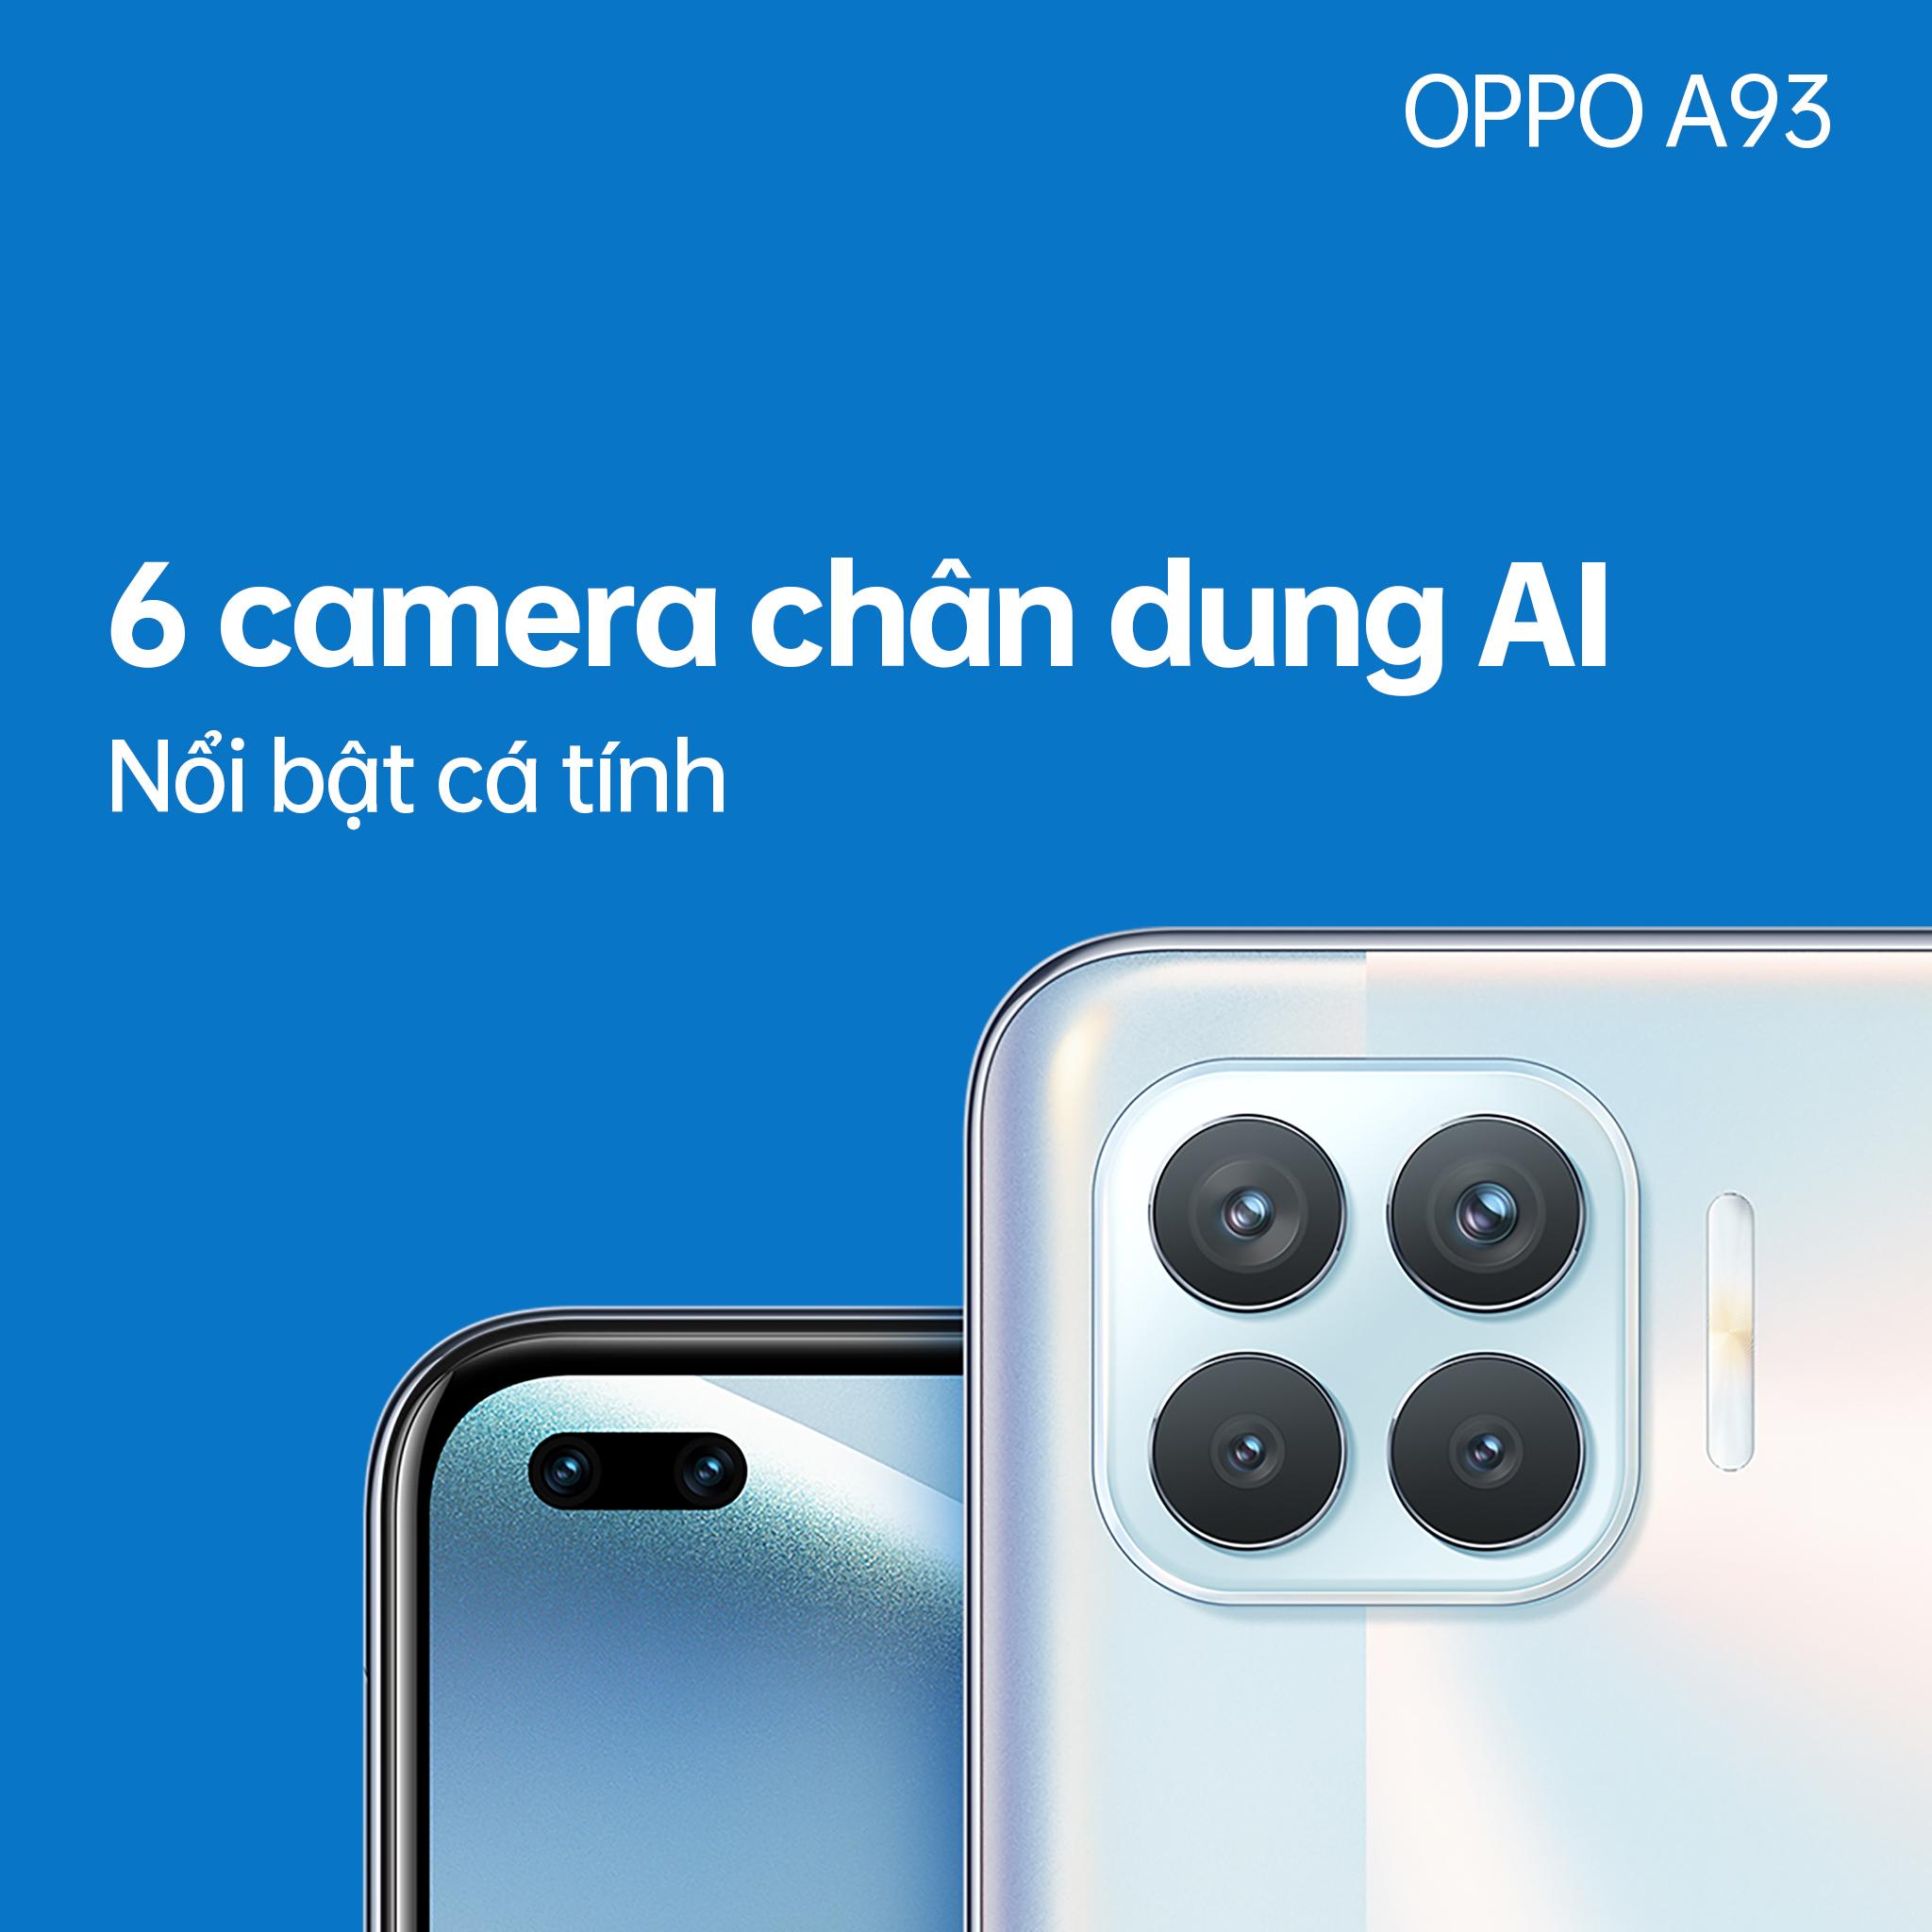 Khám phá 15 tính năng nổi bật của OPPO A93 cho xu hướng AI Camera chất lượng - Ảnh 5.